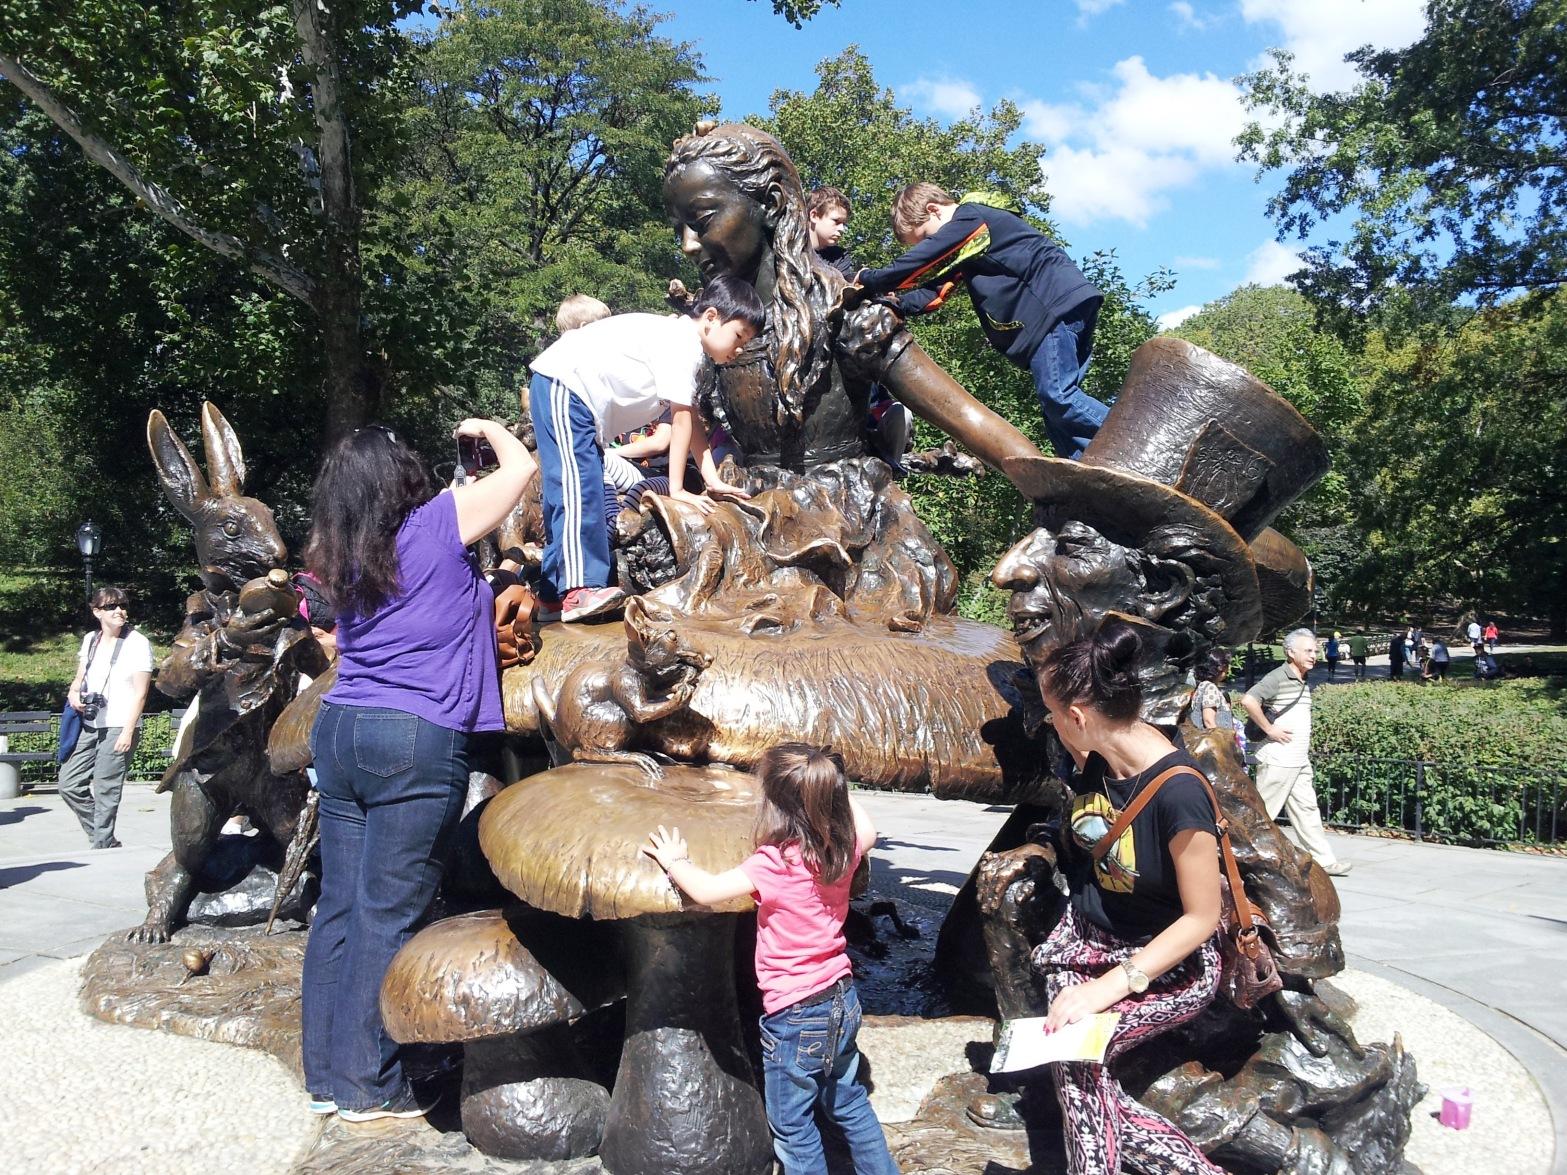 Central Park Alice in Wonderland Statue with Children